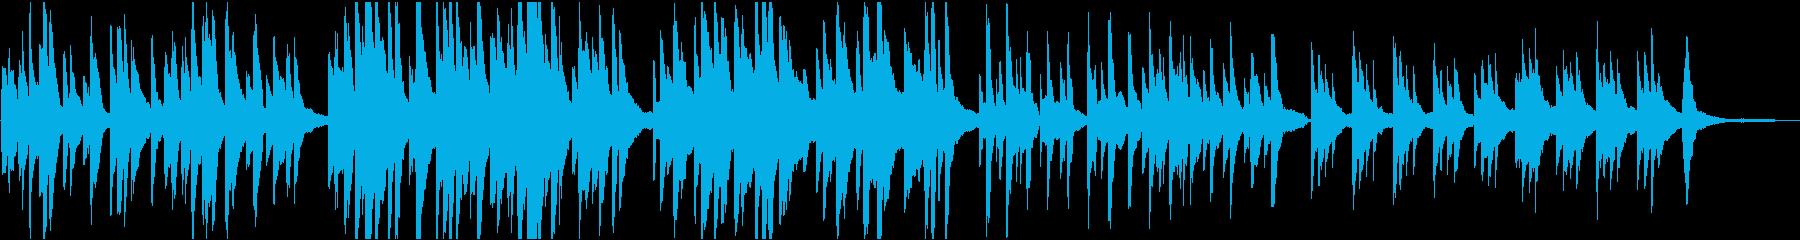 告知 穏やか 16bit48kHzVerの再生済みの波形